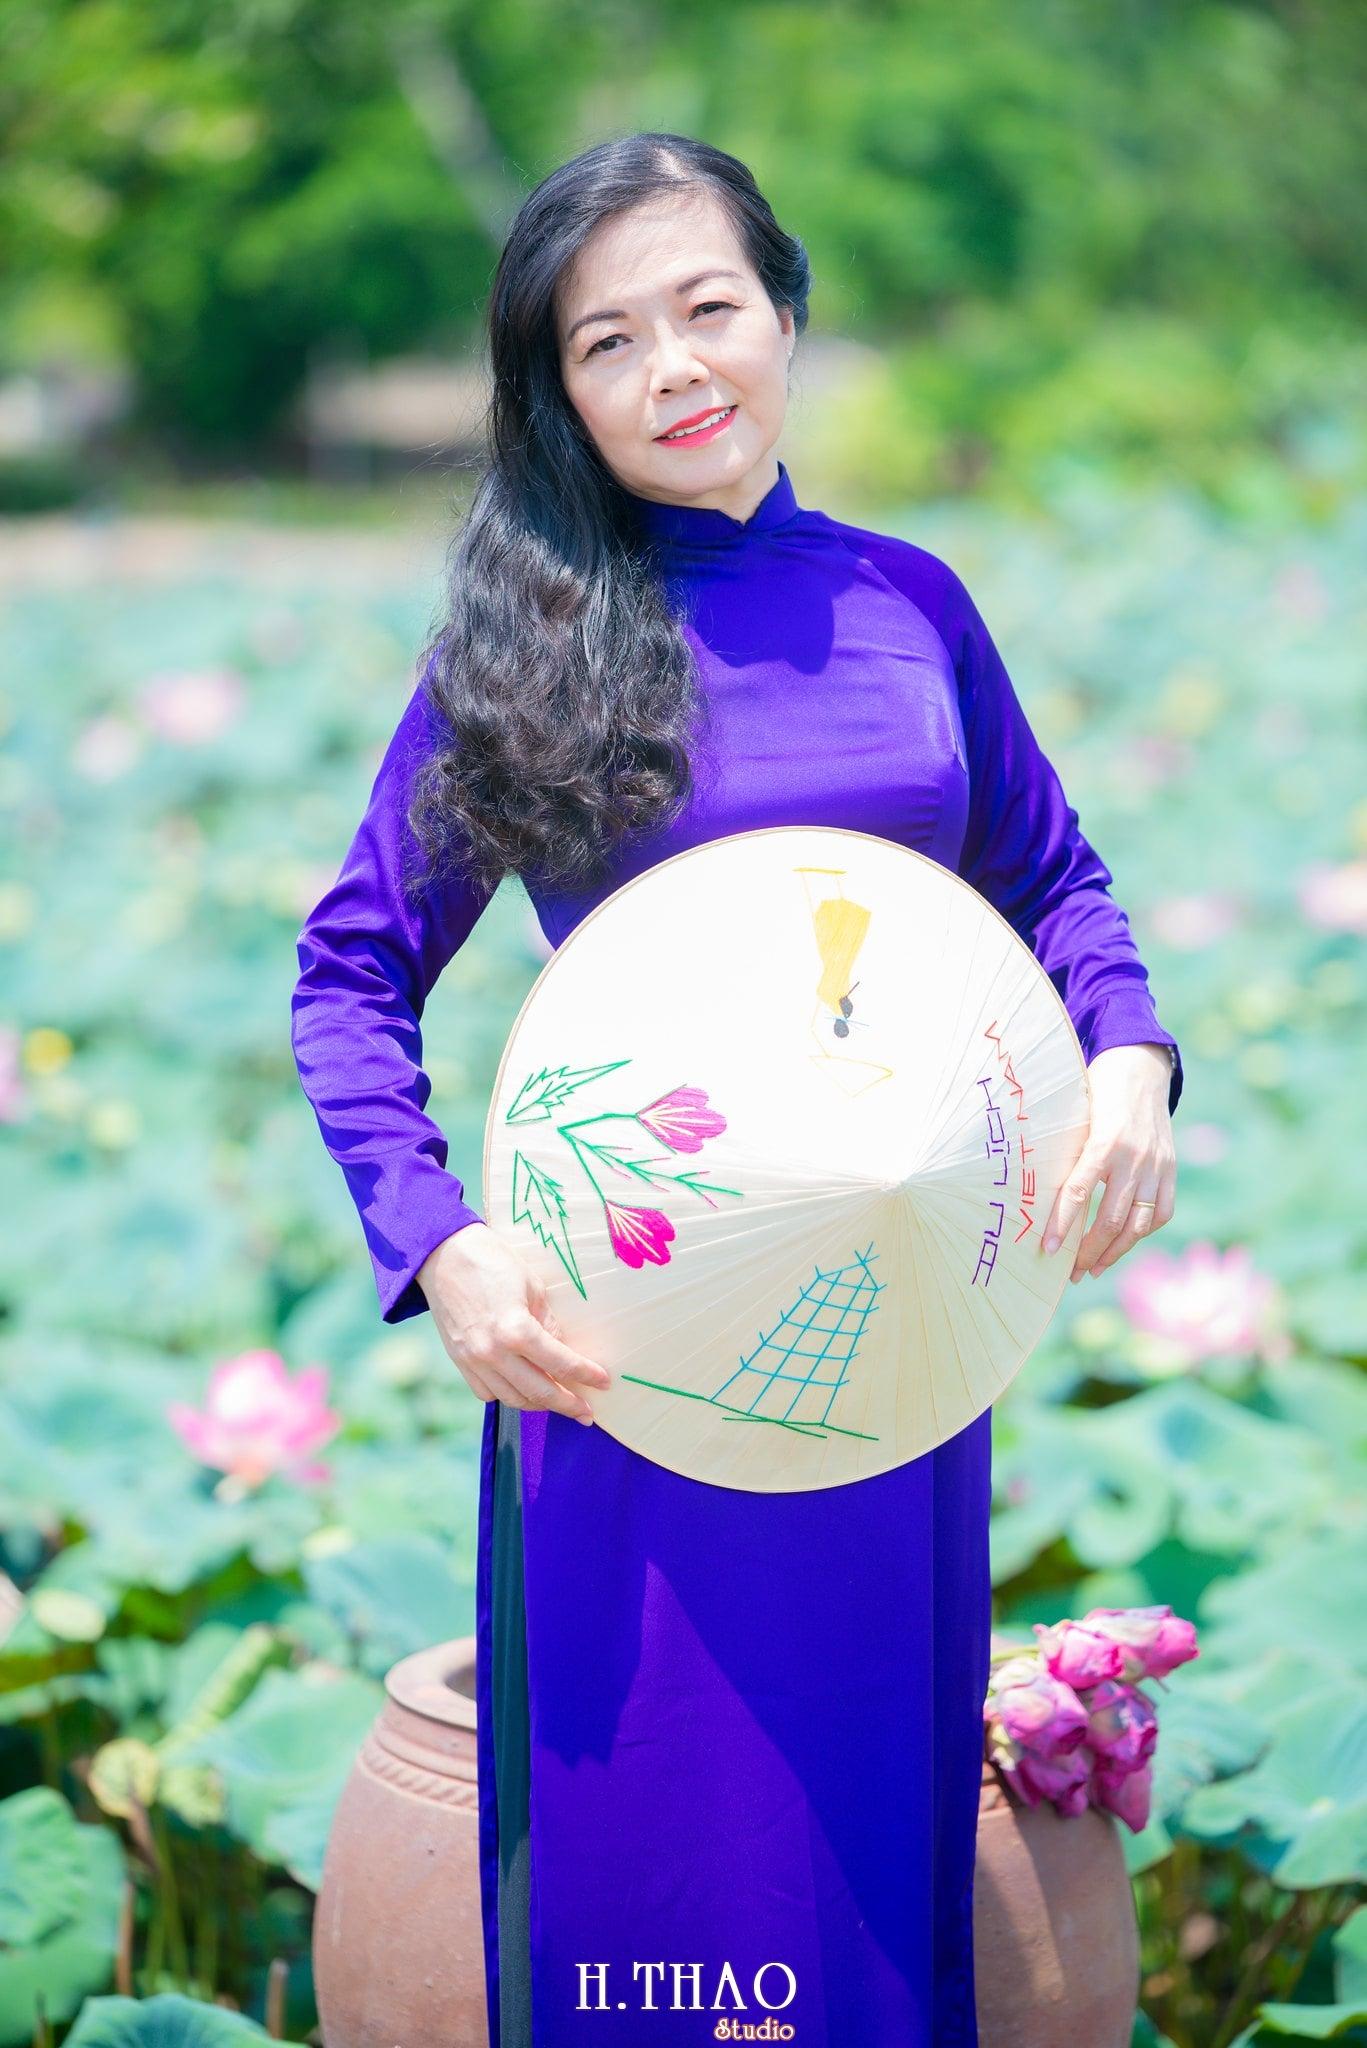 nh áo dài hoa sen 7 - Góc ảnh áo dài tuổi 50 cô Phương chụp với hoa sen- HThao Studio